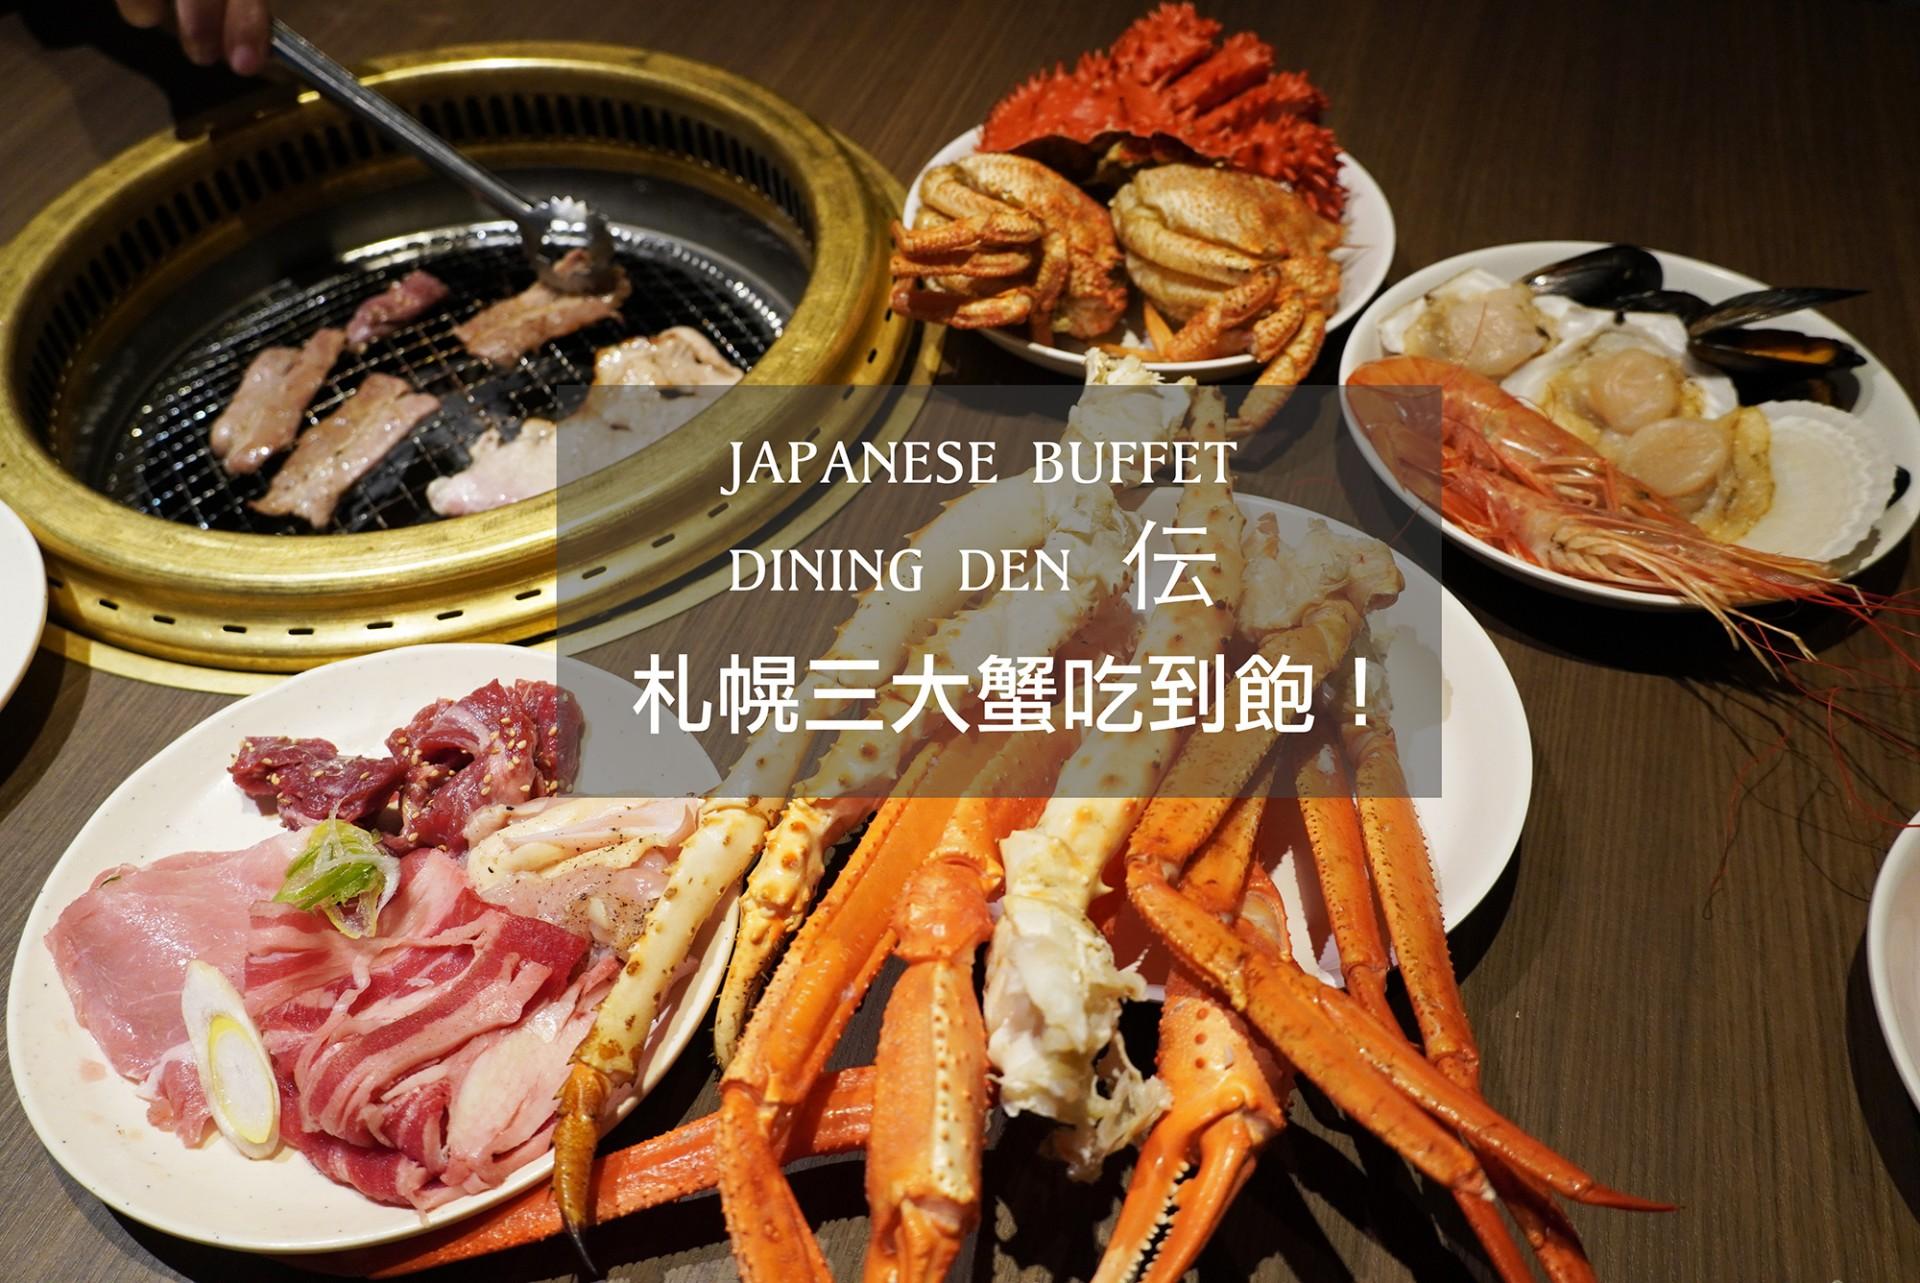 即時熱門文章:☆【2020。北海道】札幌最有誠意3大蟹吃到飽!JAPANESE BUFFET DINING DEN伝